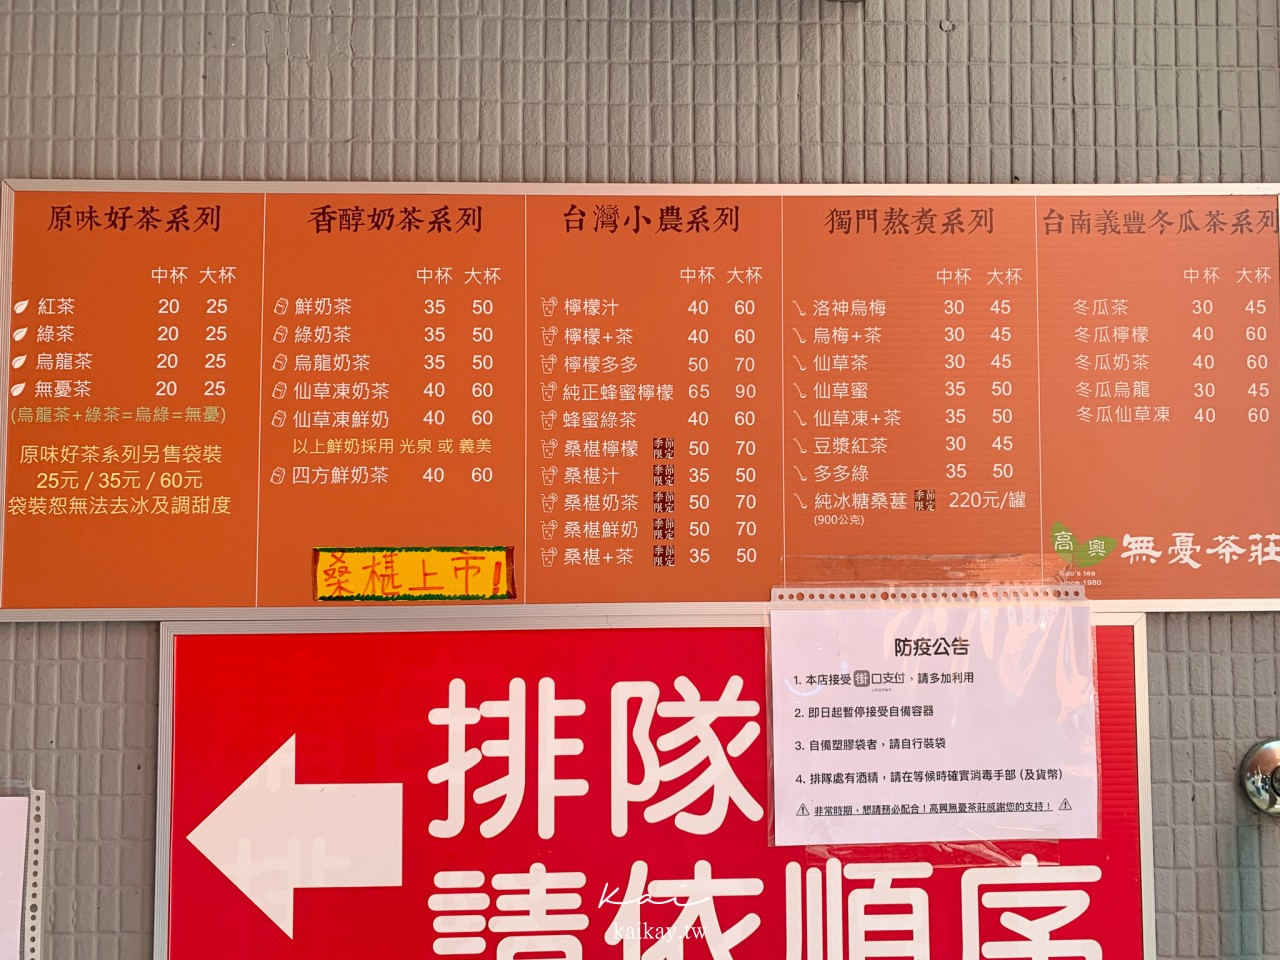 ☆【台北 北投】在地人推薦!高記必喝冰釀桑椹茶是真的!